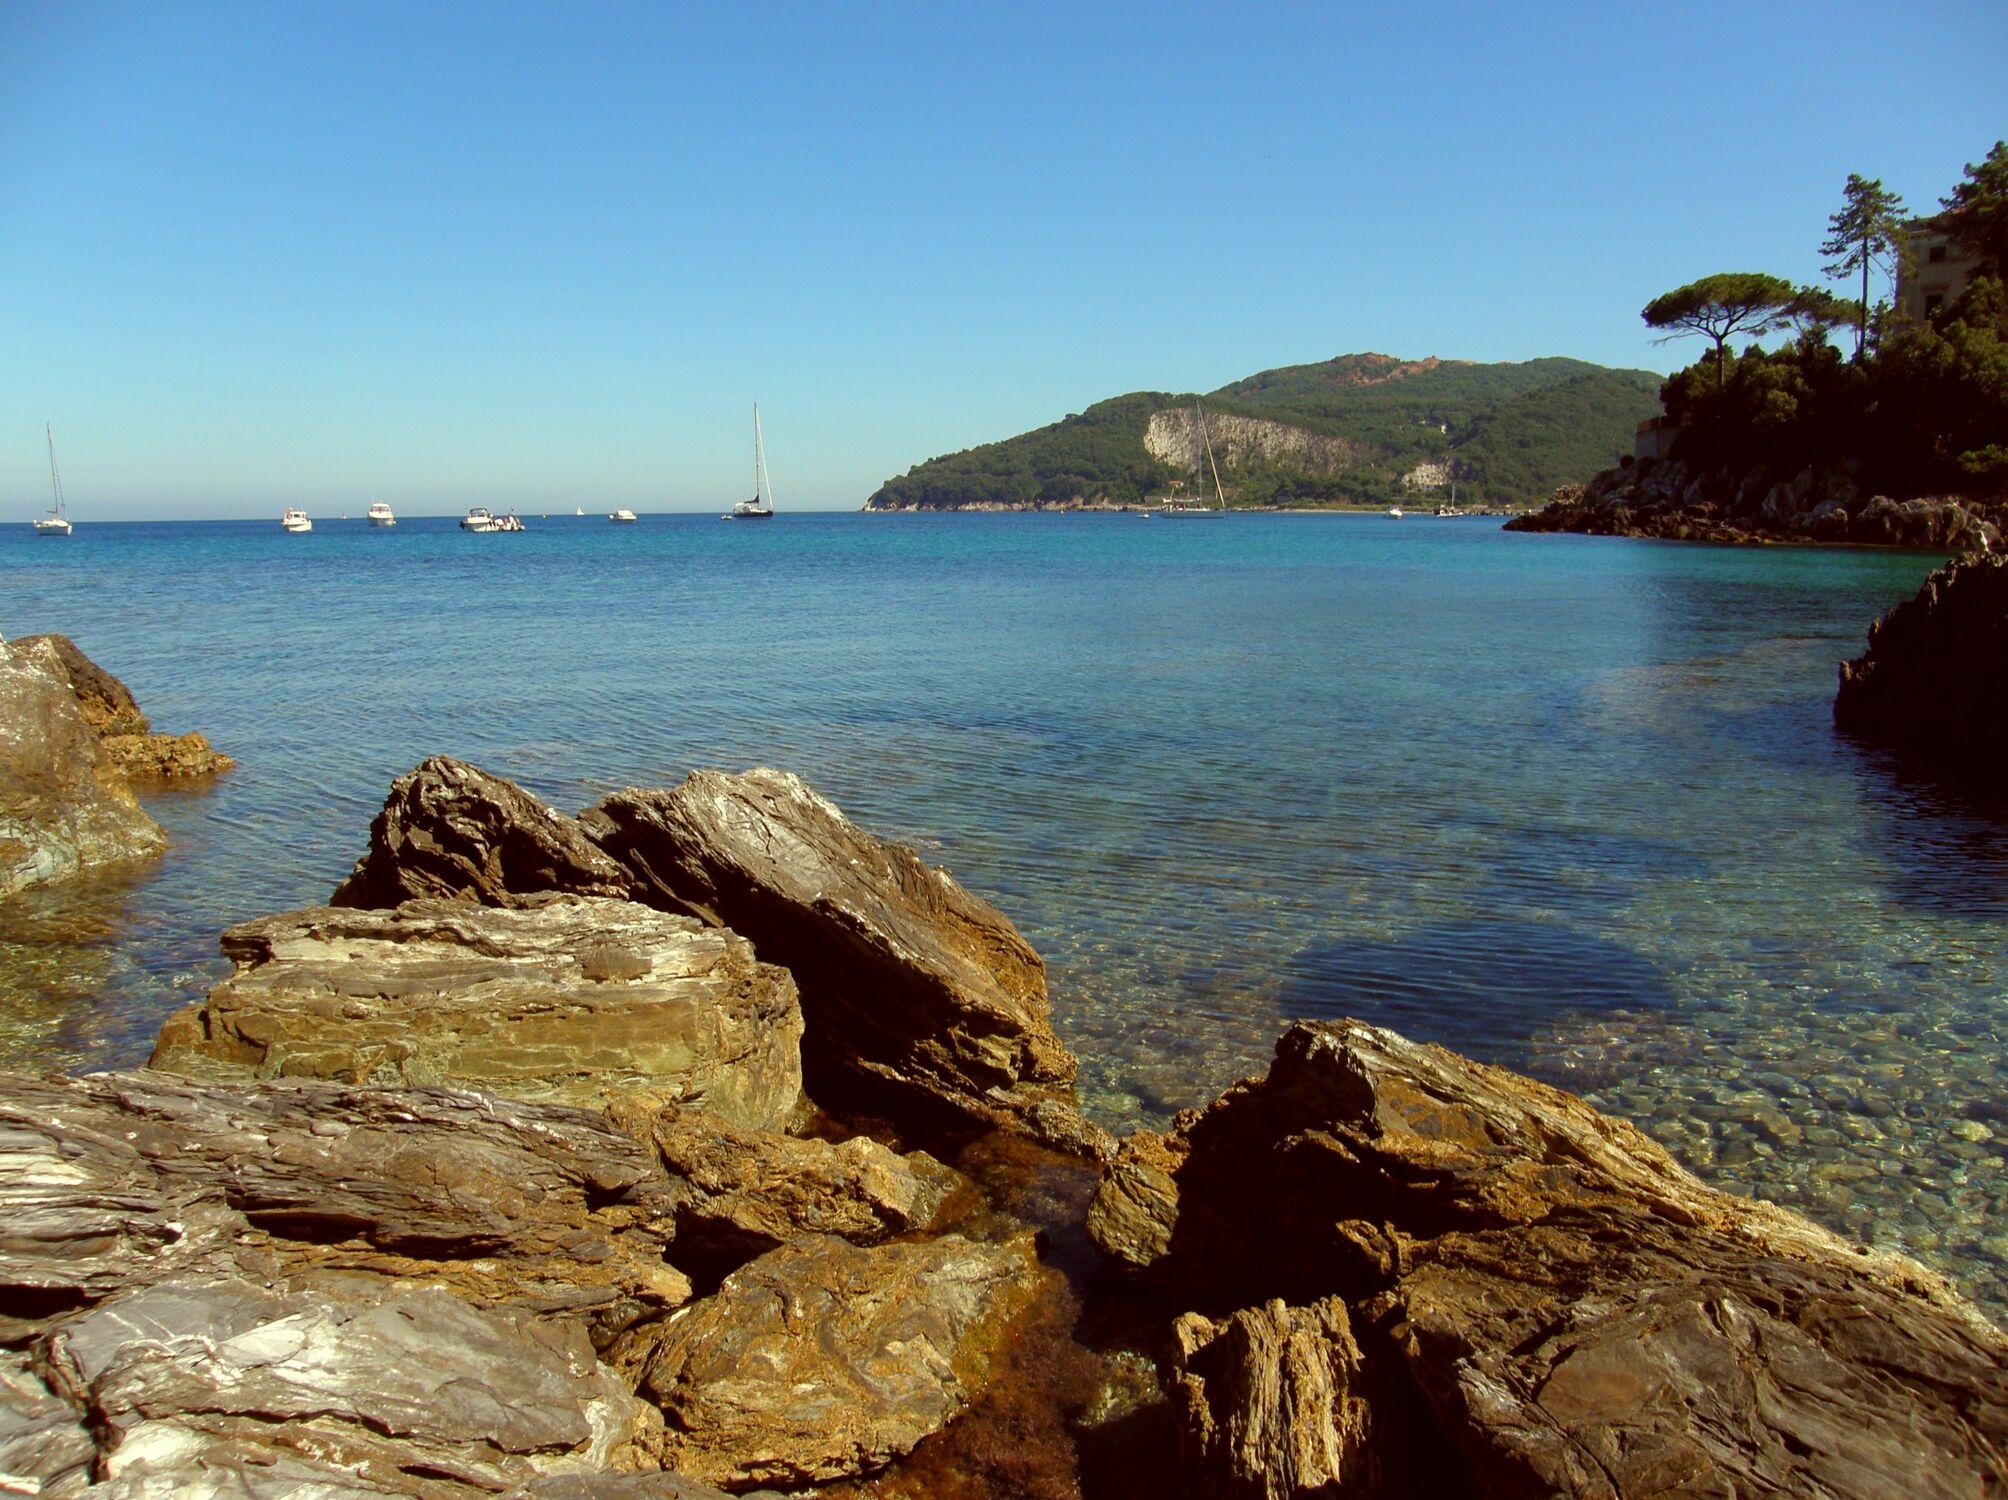 Bild mit Gewässer, Strände, Italien, Strand, Meer, Sehnsucht nach Meer